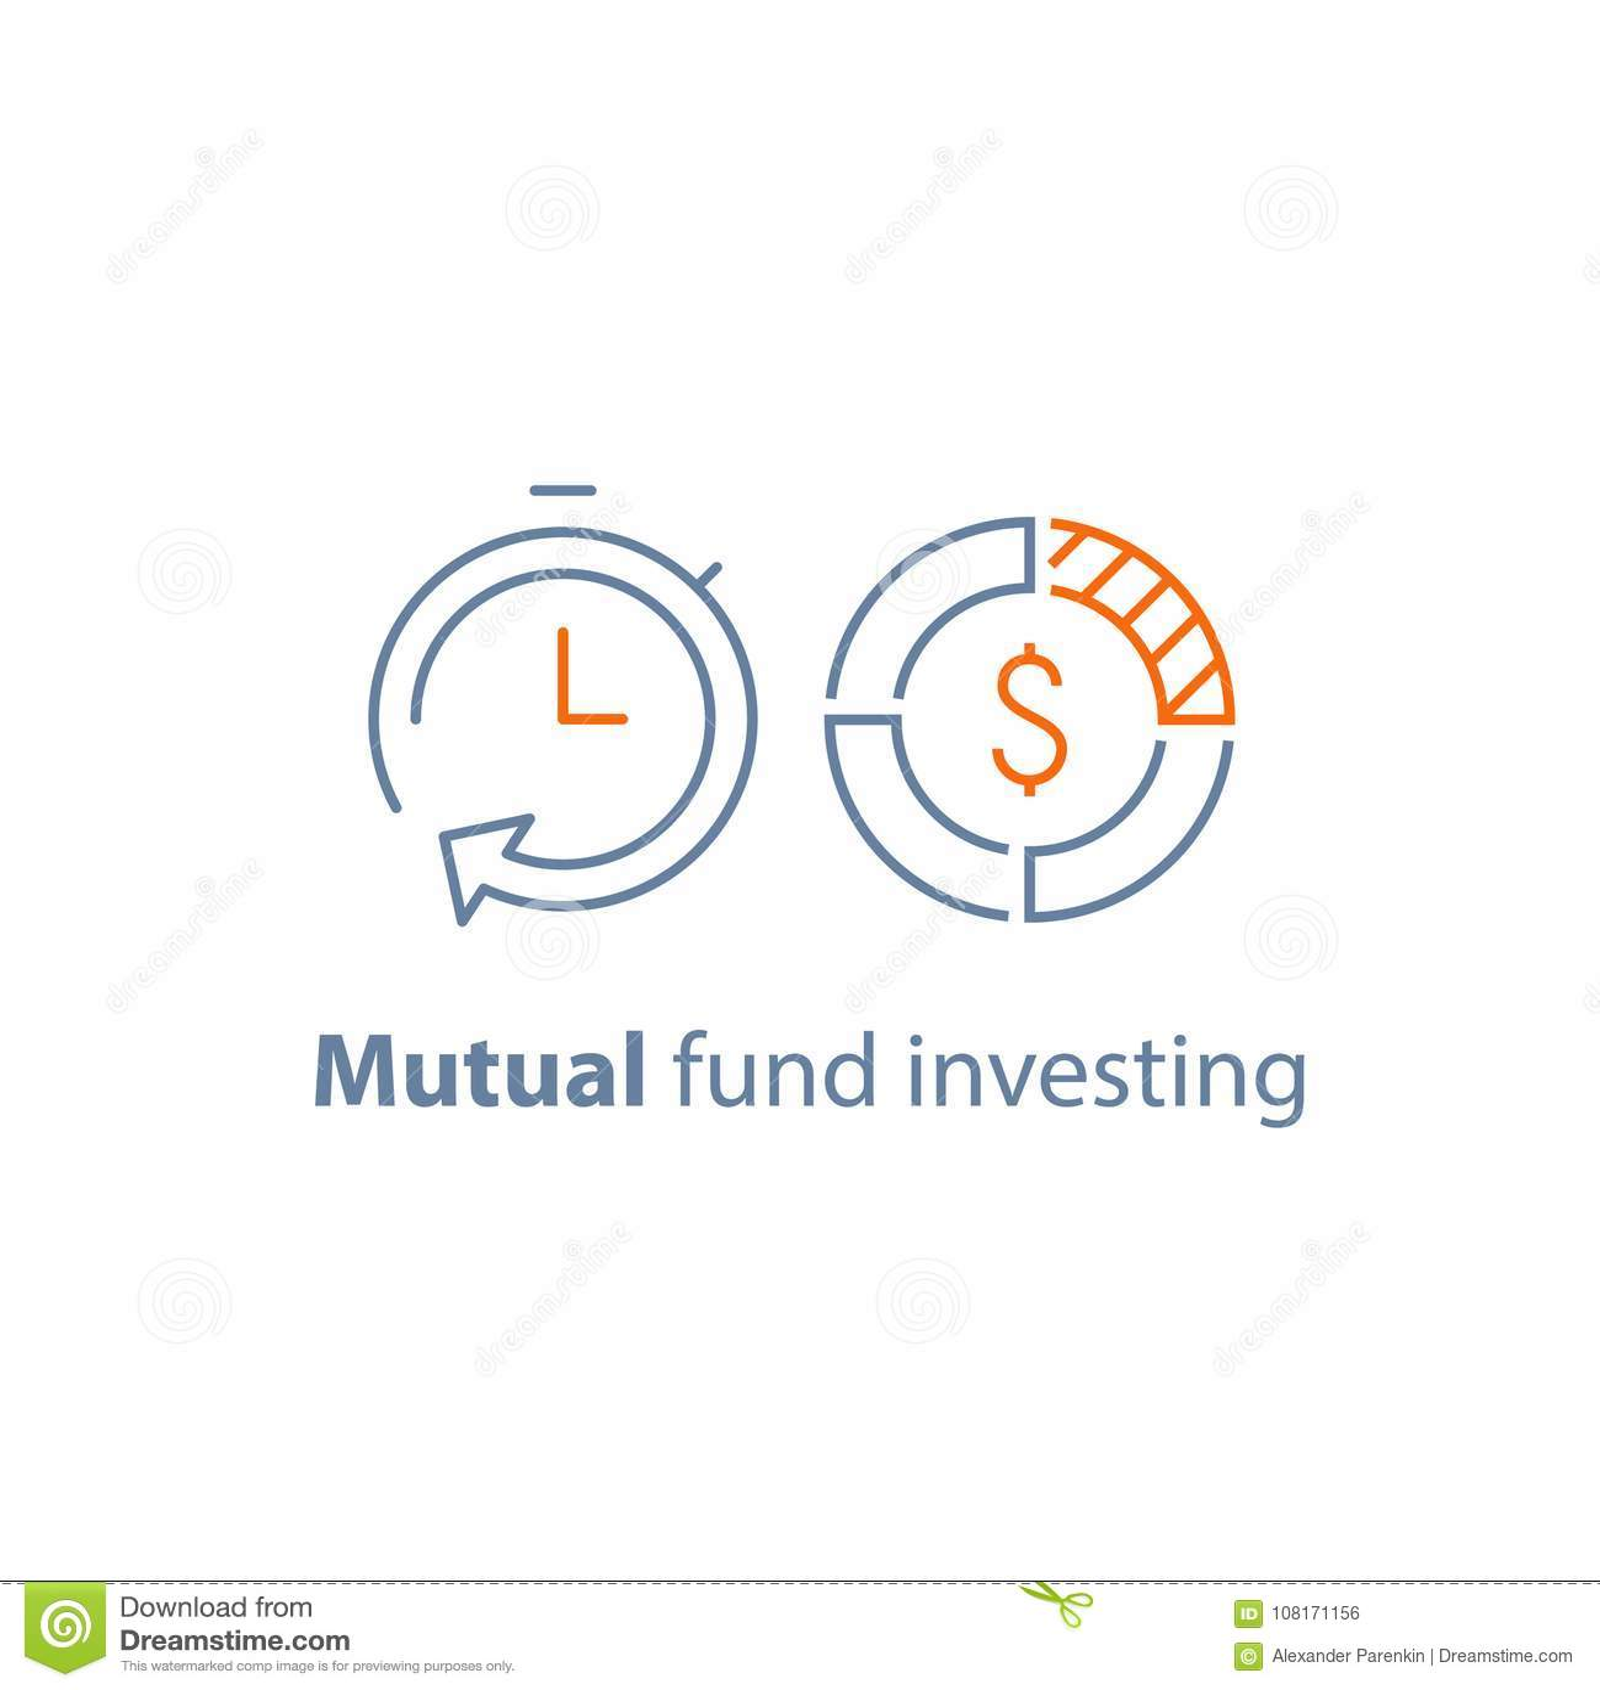 Ο χρόνος είναι χρήματα, διαχείριση κεφαλαίων, μακροπρόθεσμη επένδυση, οικονομική στρατηγική, λύση χρηματοδότησης, έγκριση δανείου